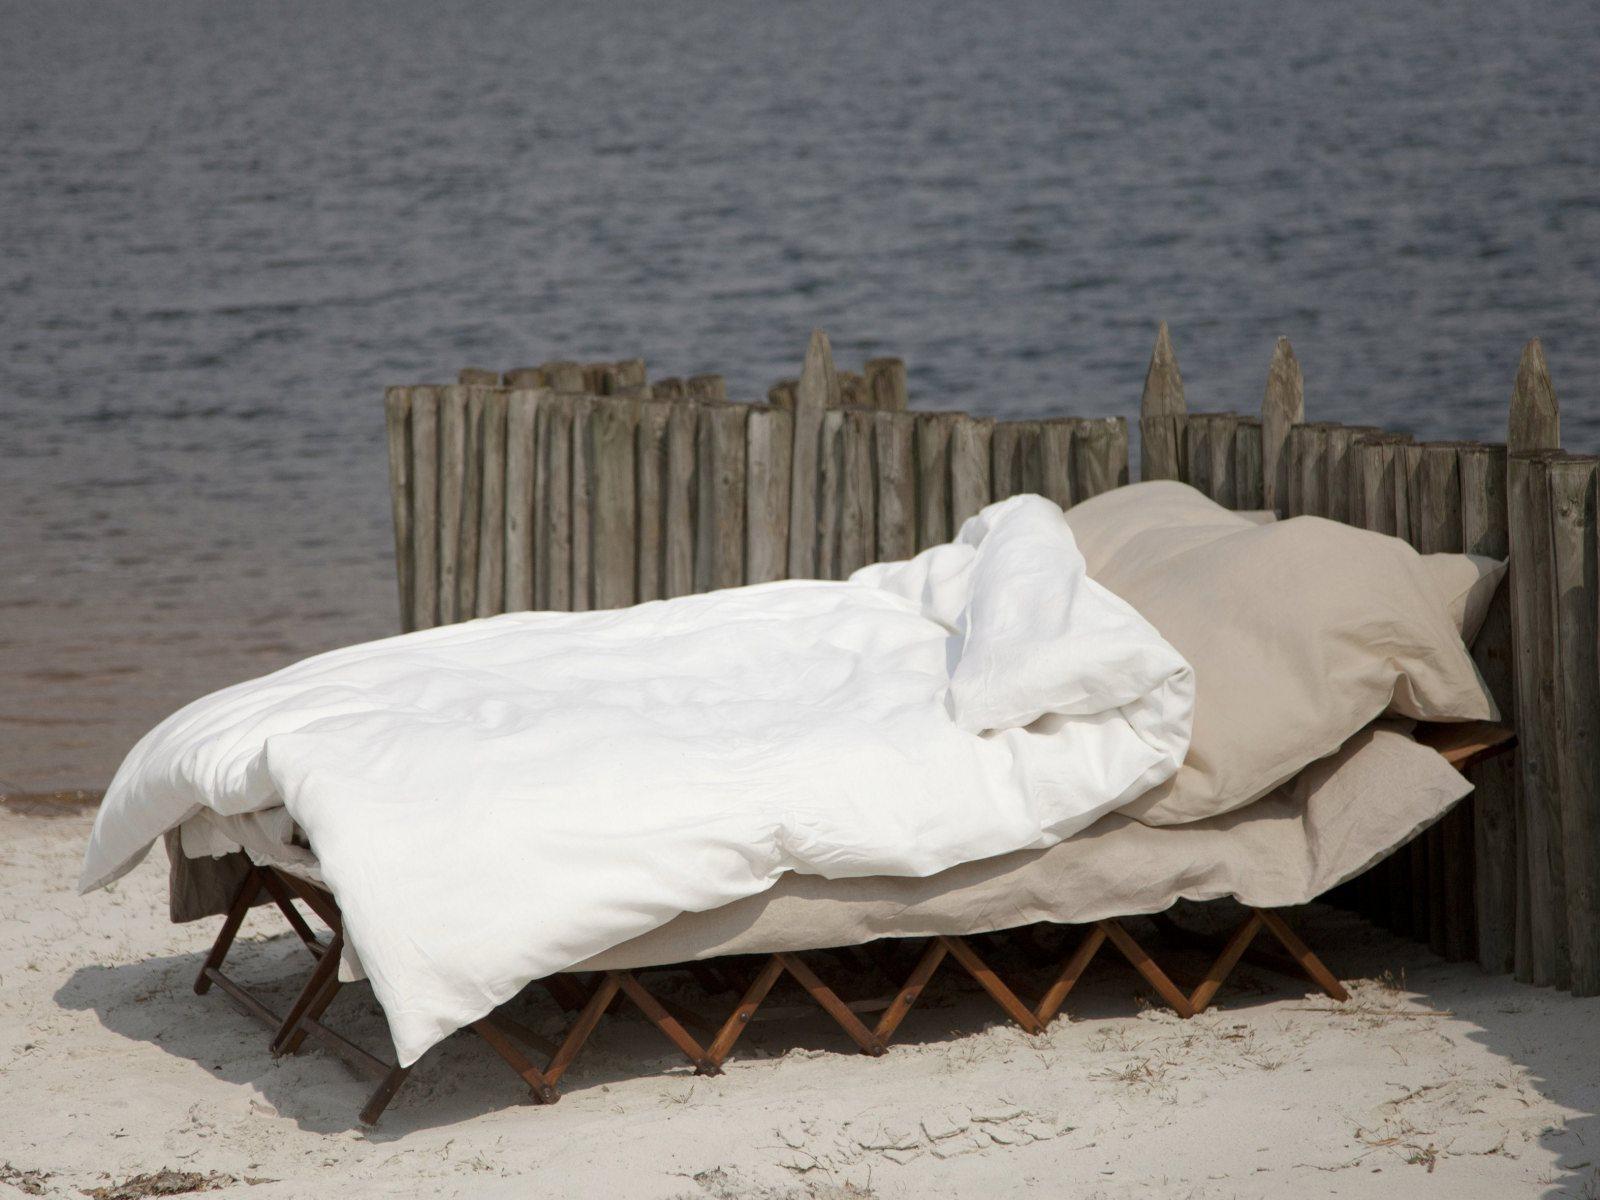 welche bettw sche wenn man viel schwitzt haushalt ratgeber bett. Black Bedroom Furniture Sets. Home Design Ideas